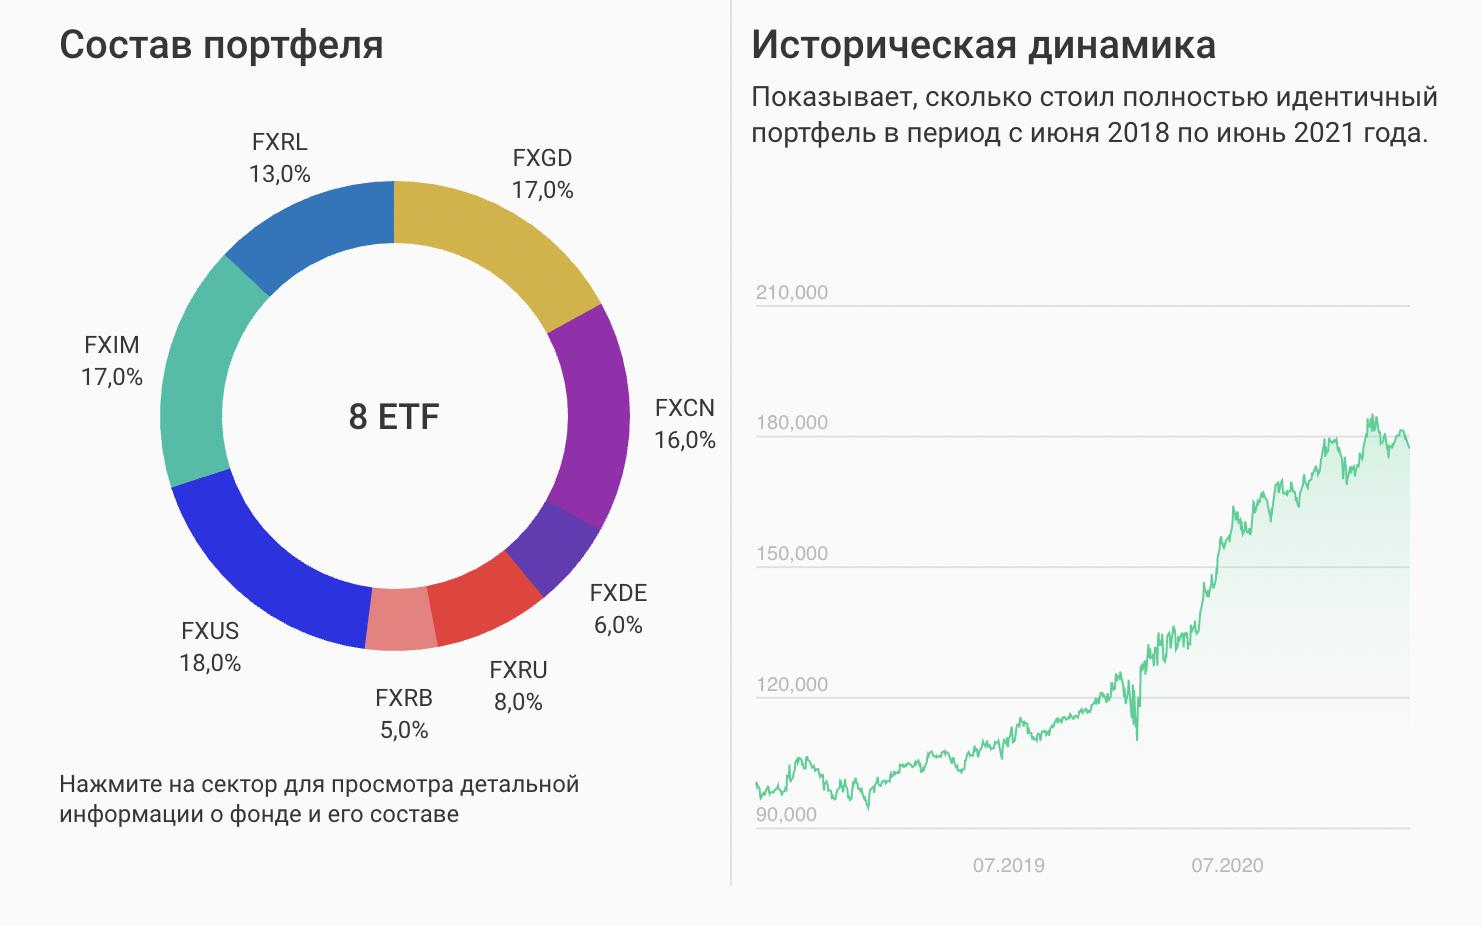 Народный портфель в марте 2021 — пример расчета с помощью конструктора FinEx